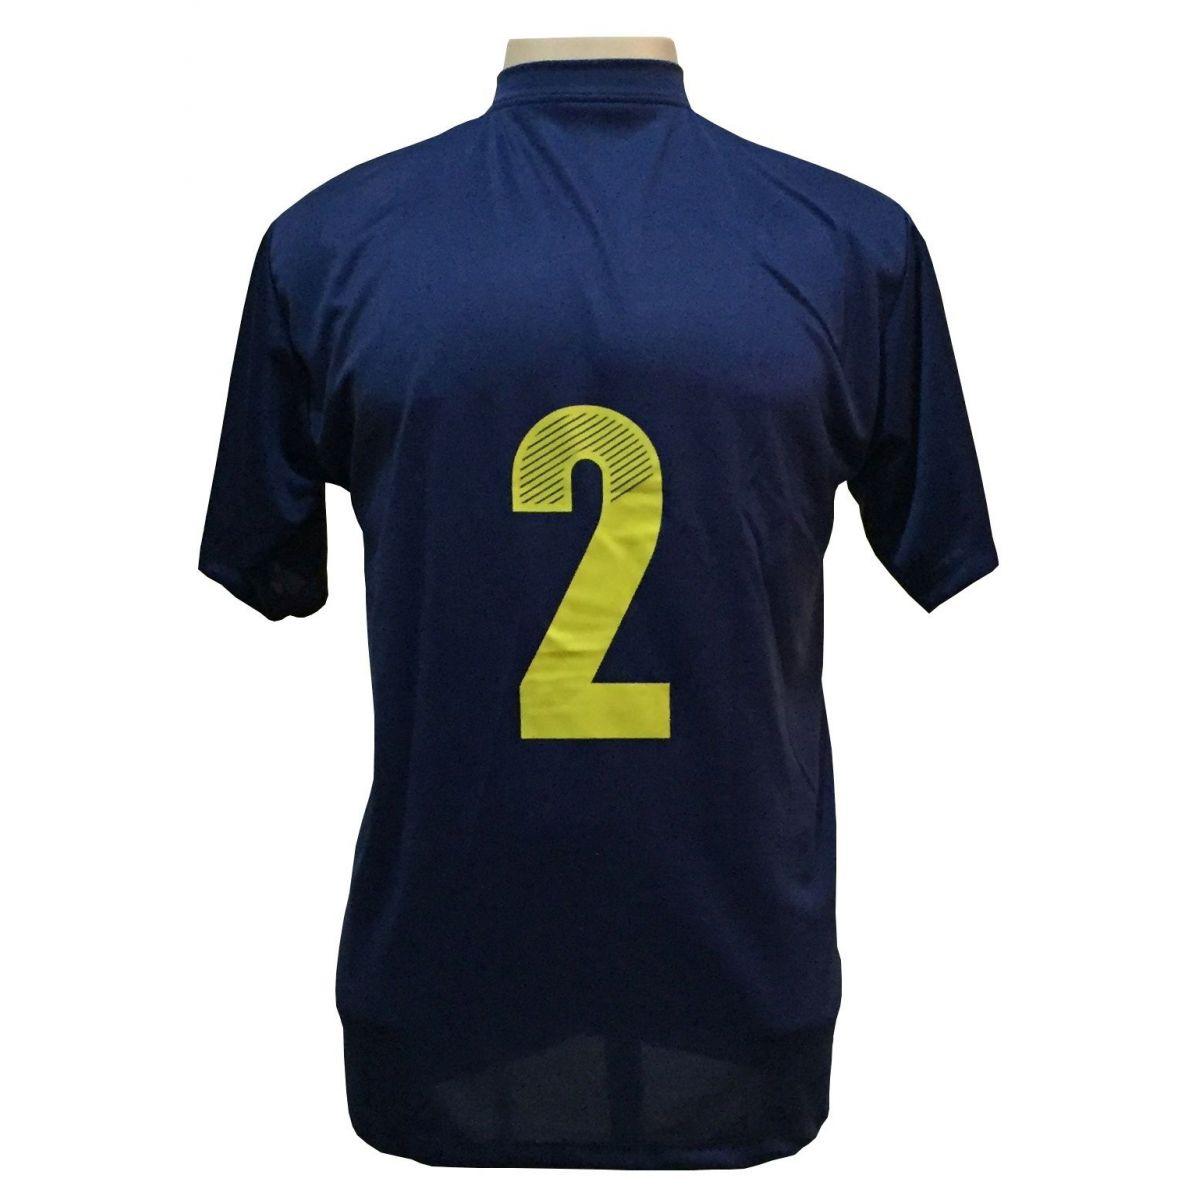 Uniforme Esportivo com 14 camisas modelo Boca Juniors Marinho/Amarelo + 14 calções modelo Madrid + 1 Goleiro + Brindes